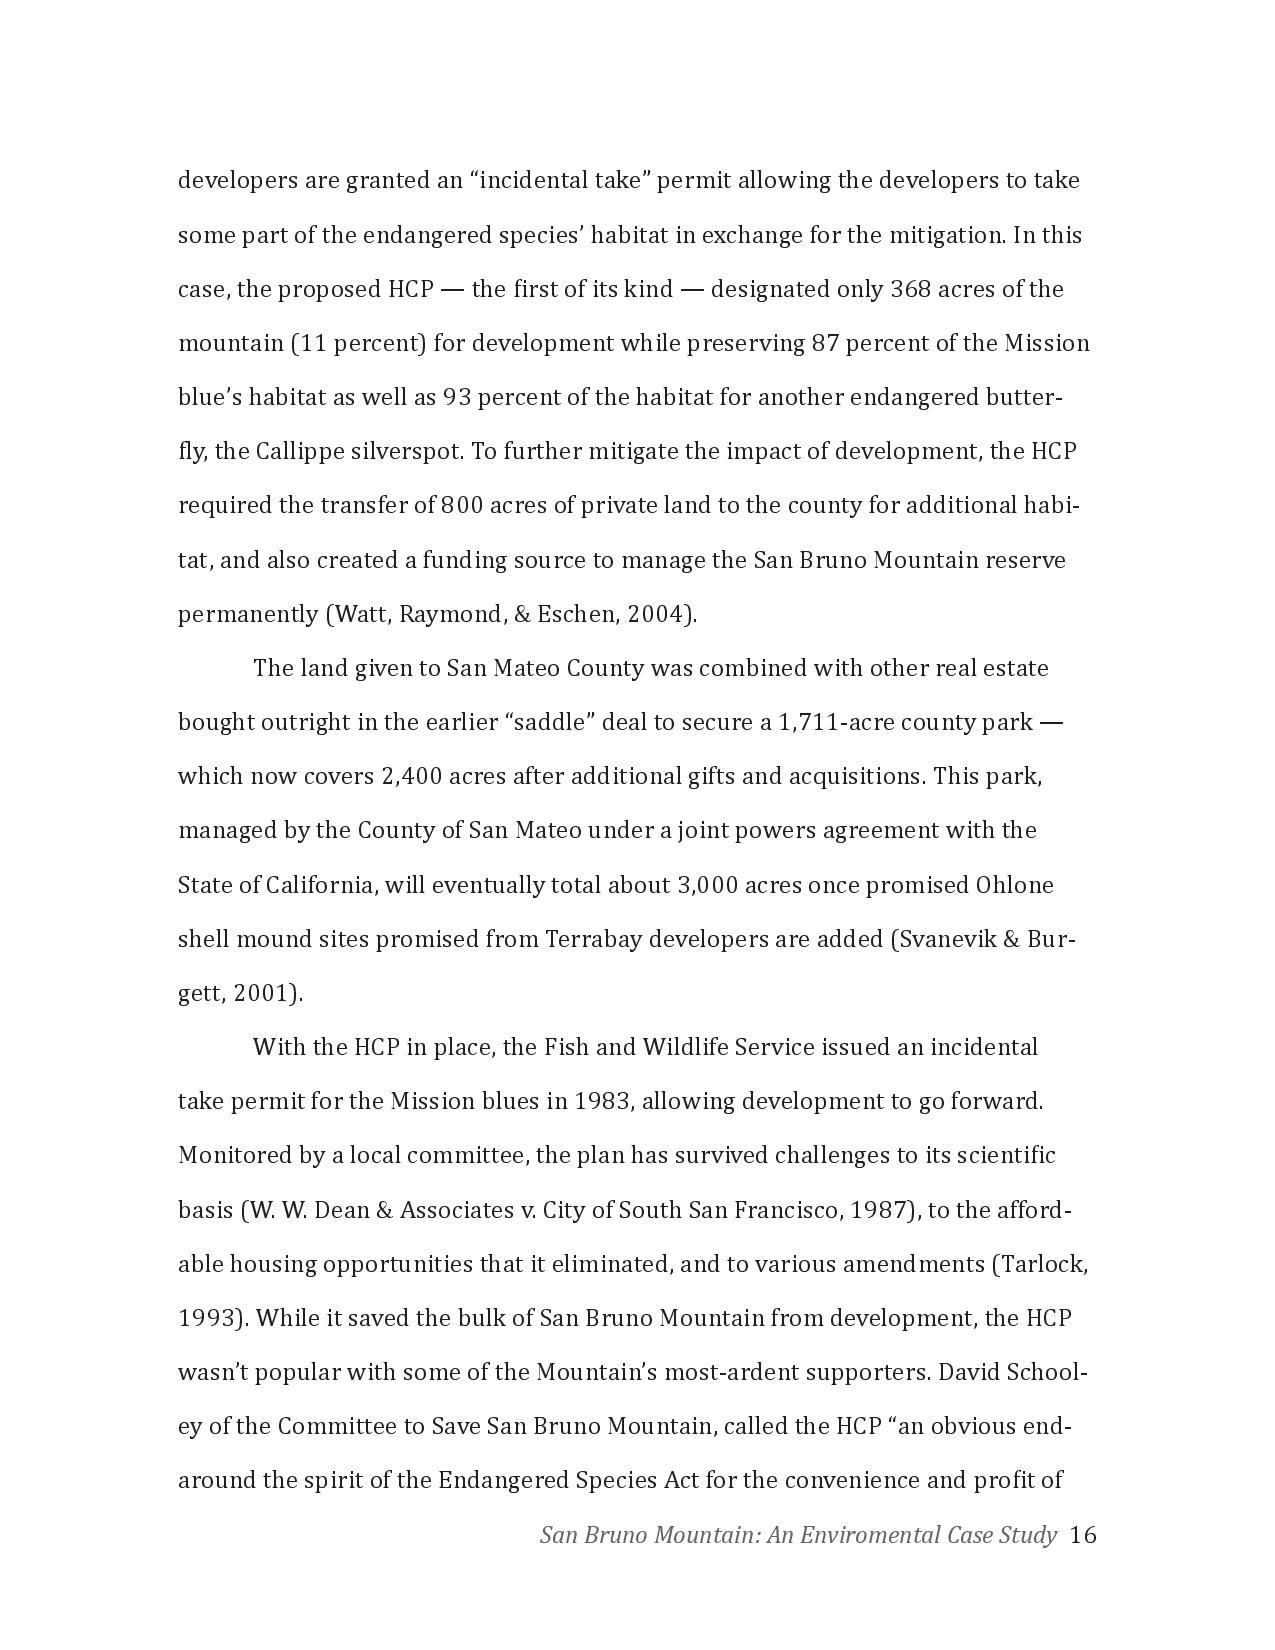 SBM An Environmental Case Study J Baker-page-016